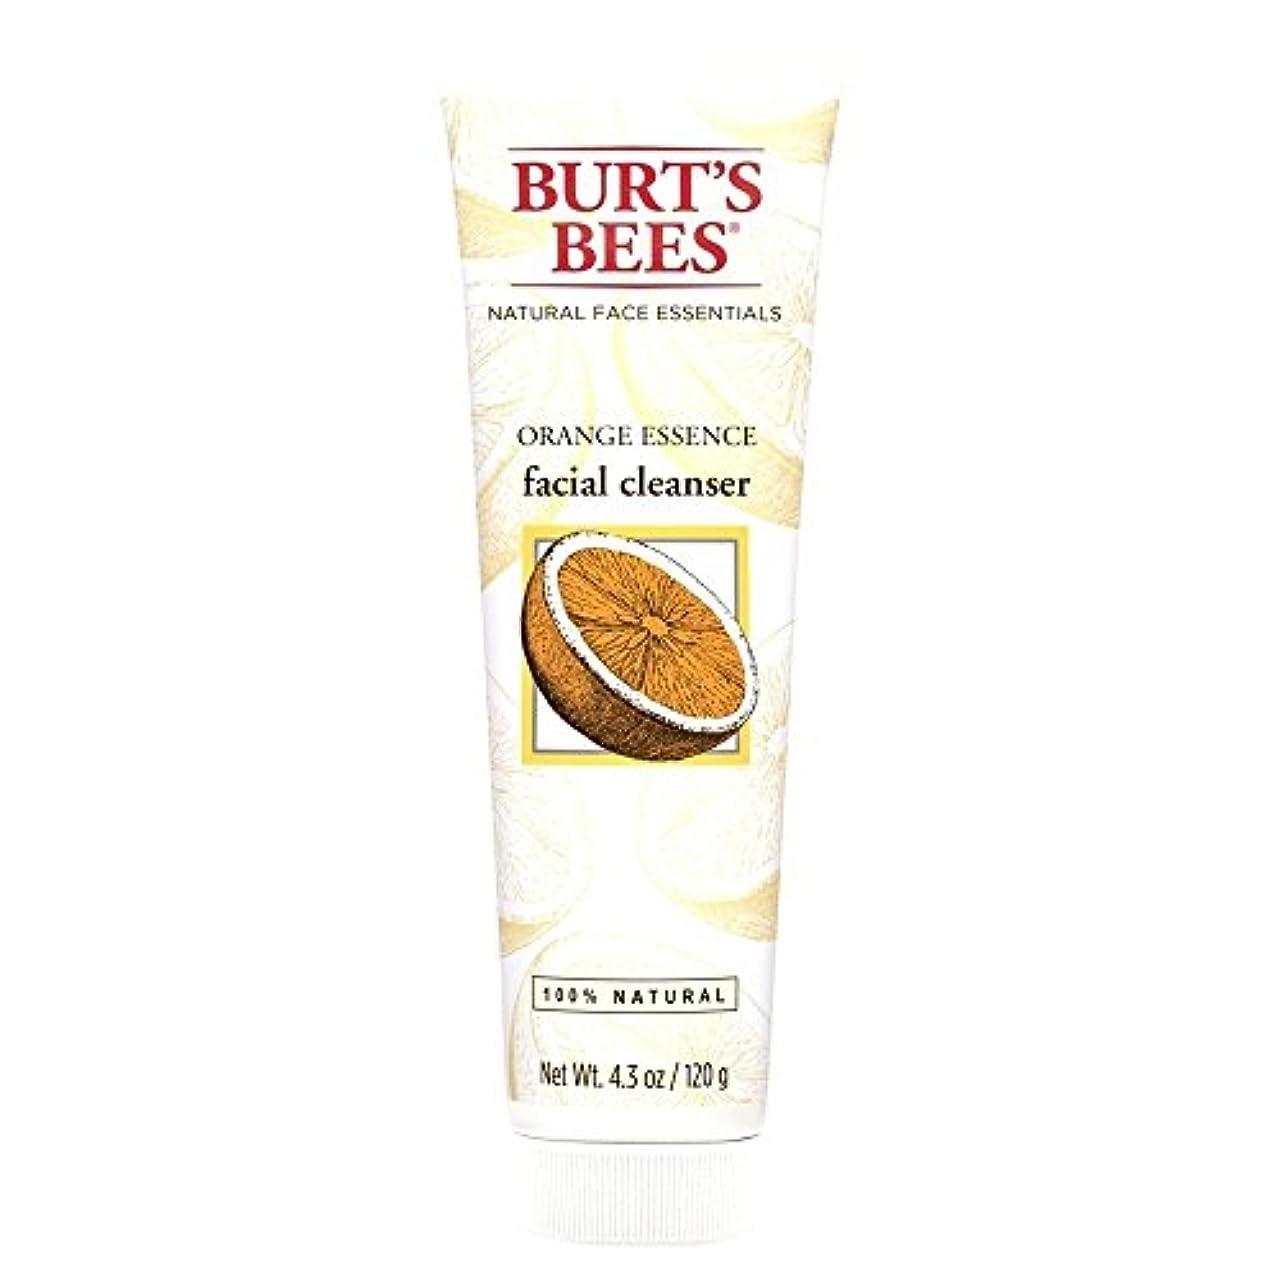 床を掃除するなぜならジュラシックパークバーツビーオレンジエッセンス洗顔料、125グラム (Burt's Bees) (x6) - Burt's Bees Orange Essence Facial Cleanser, 125g (Pack of 6) [並行輸入品]